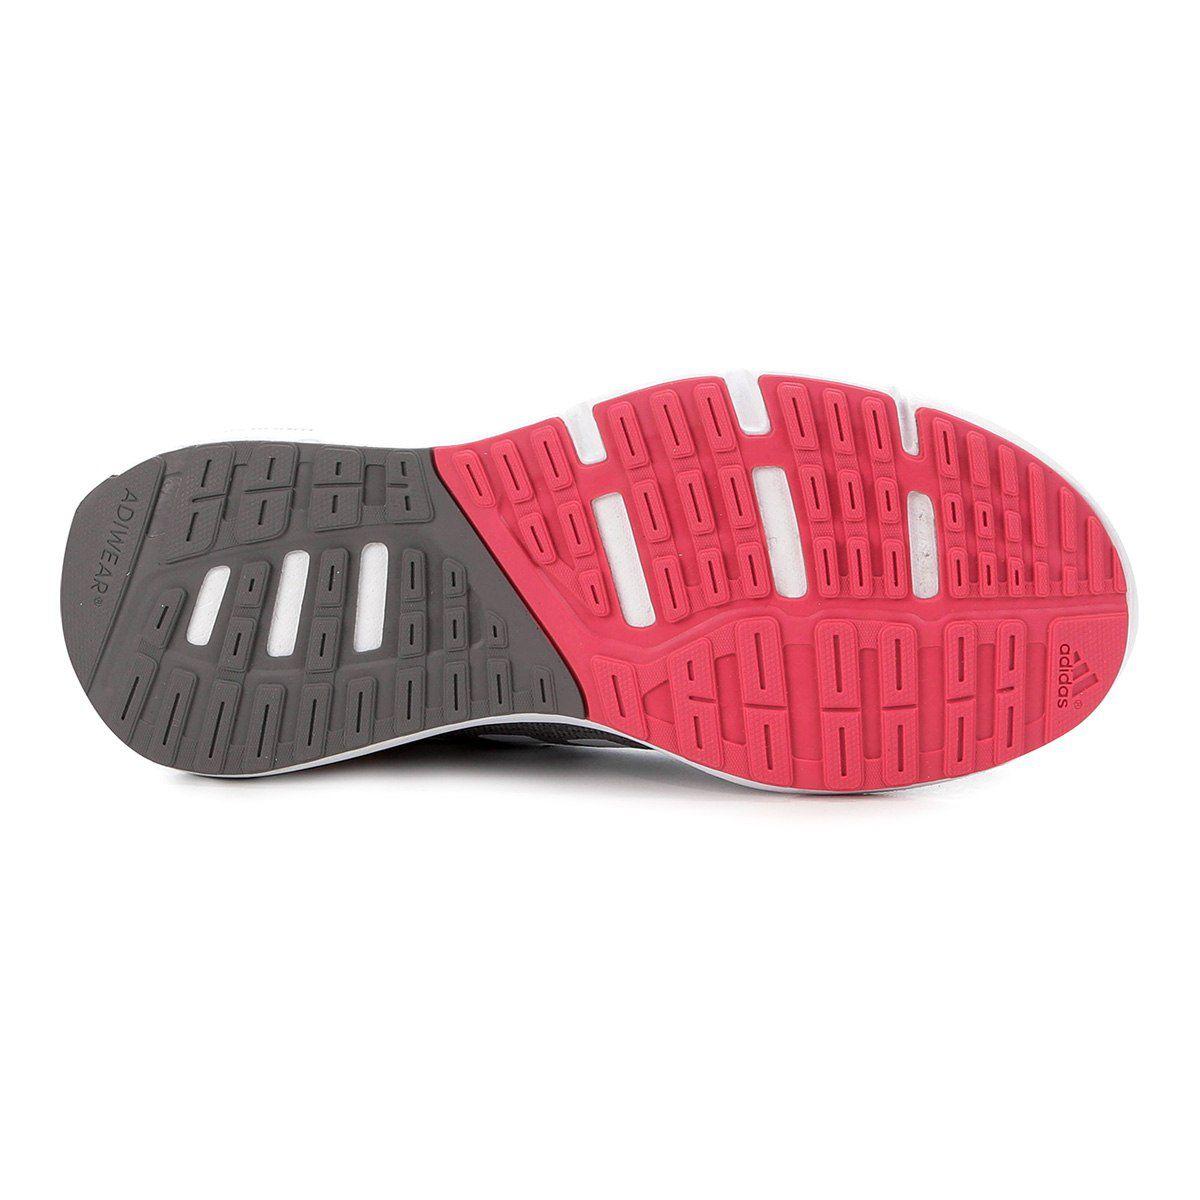 55130cd0115 Tênis Adidas Cosmic 2 Feminino - Cinza e Branco - Linha Esporte